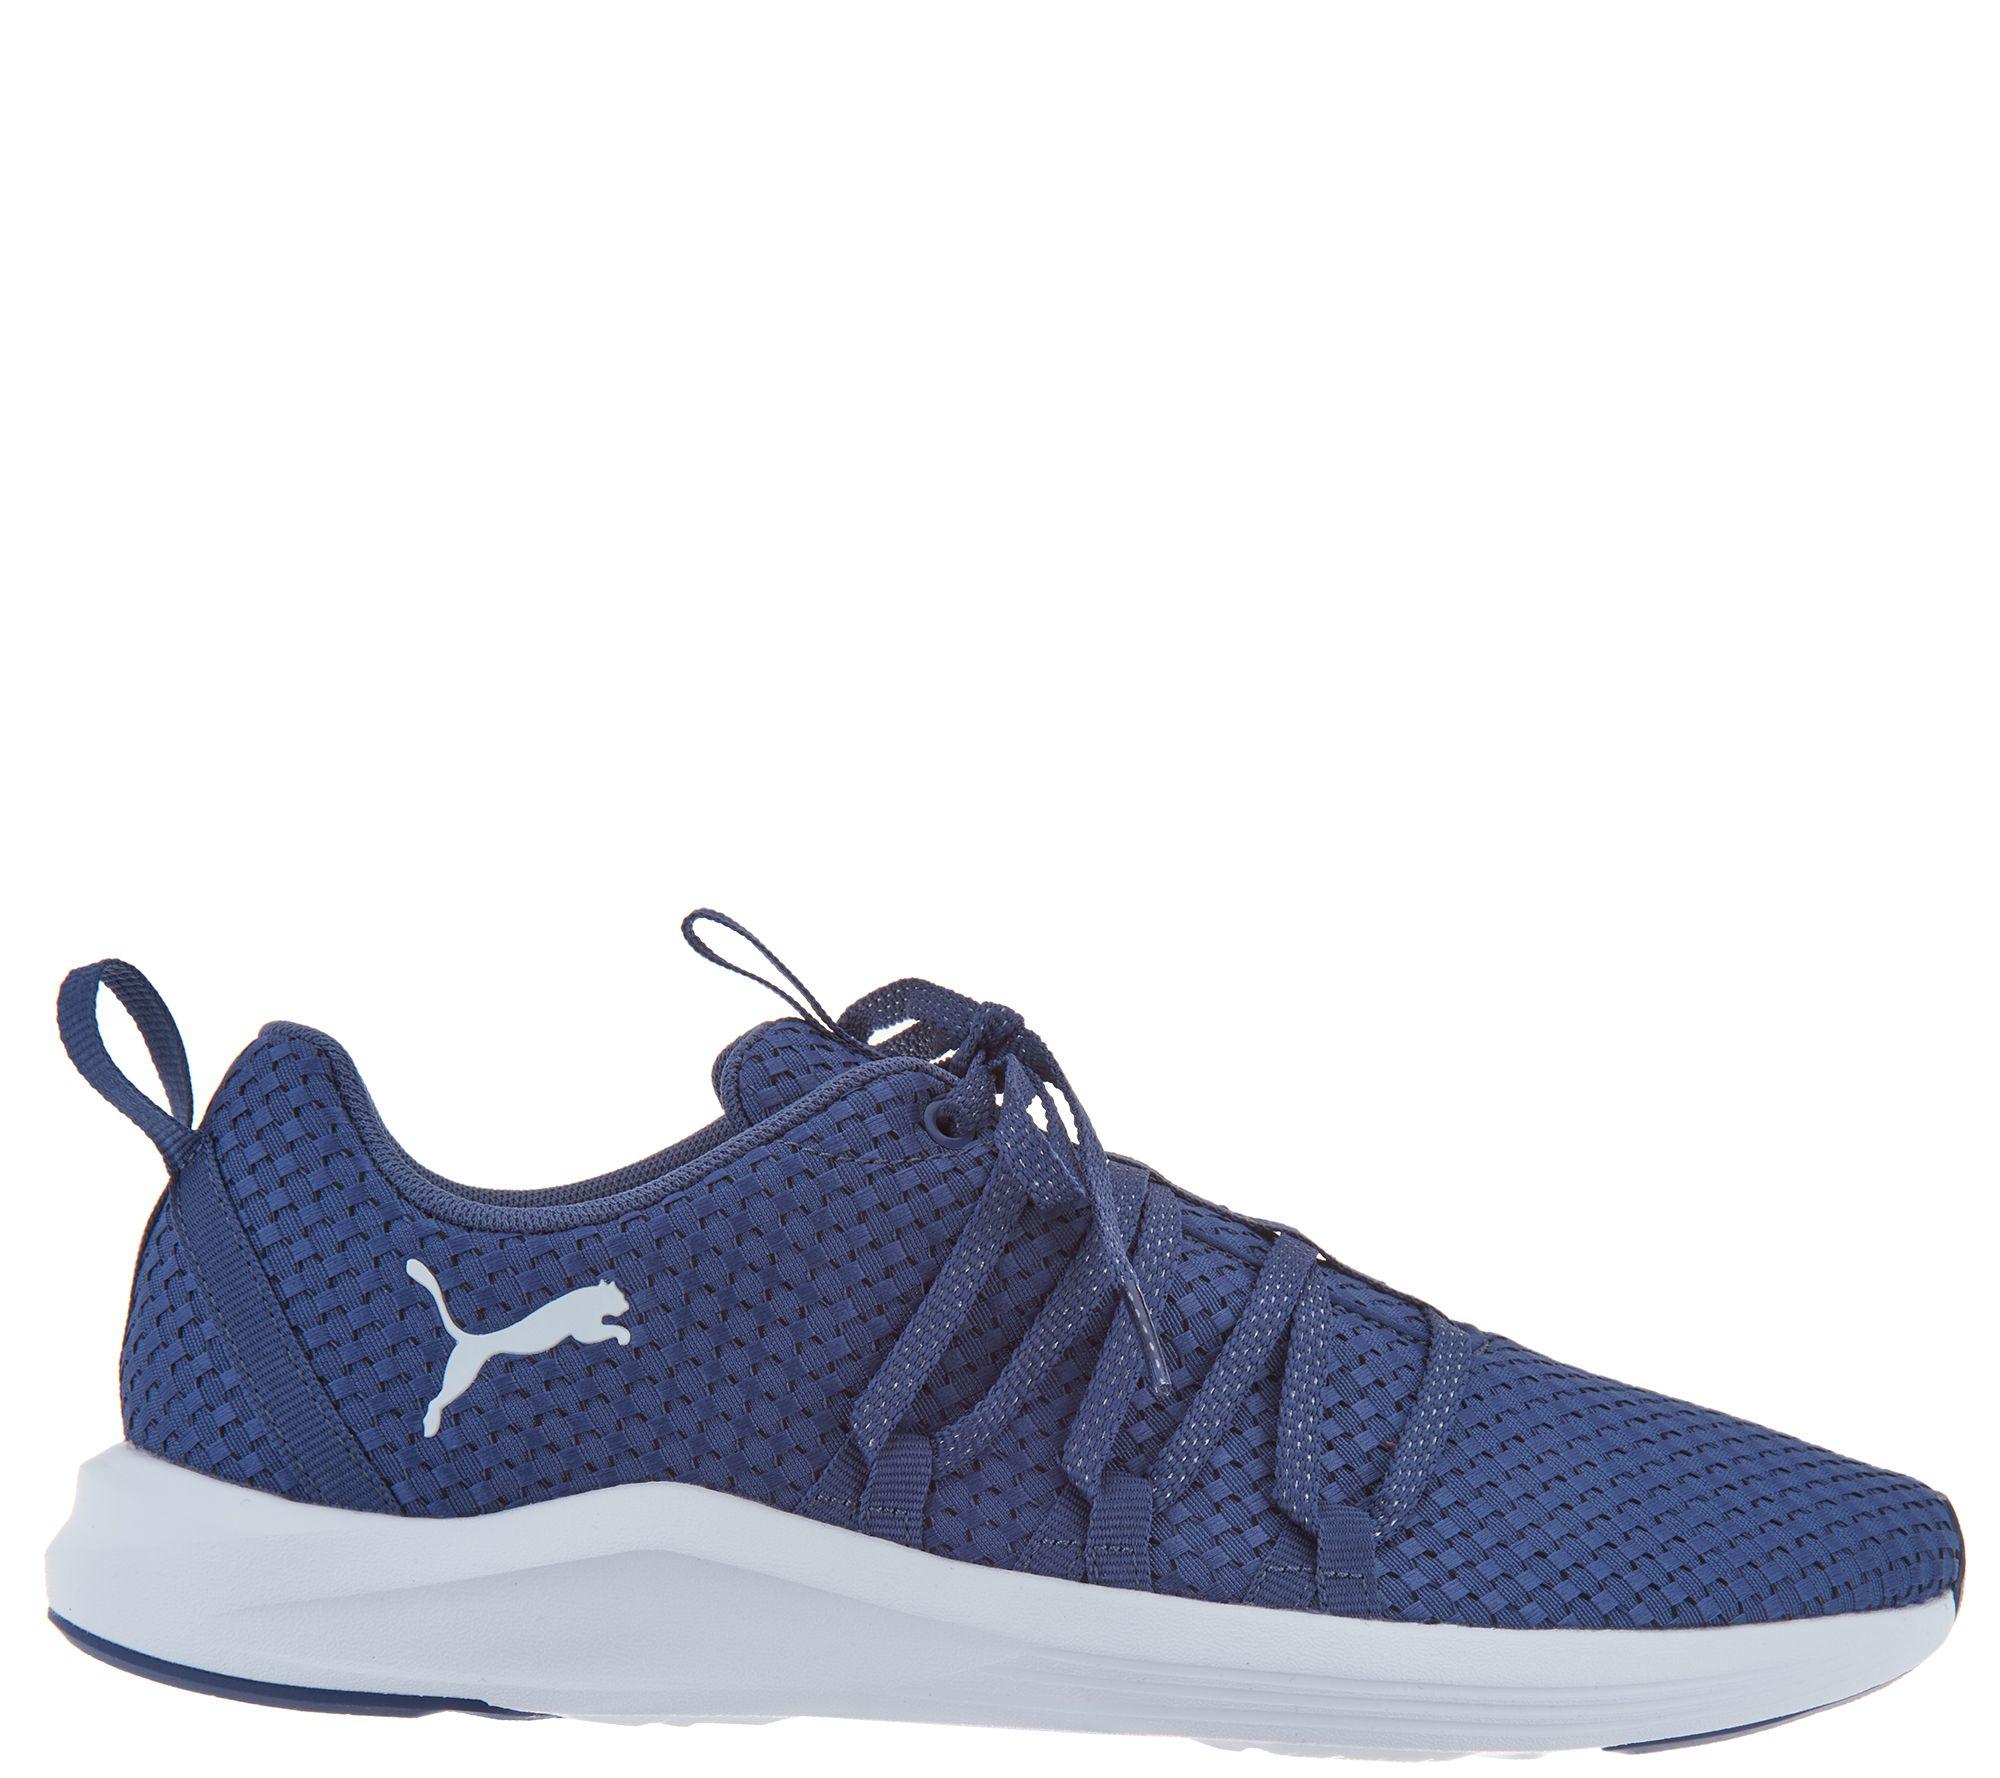 Puma Woven Mesh Lace Up Sneaker - Prowl Alt Weave - Page 1 — QVC.com 85513943d